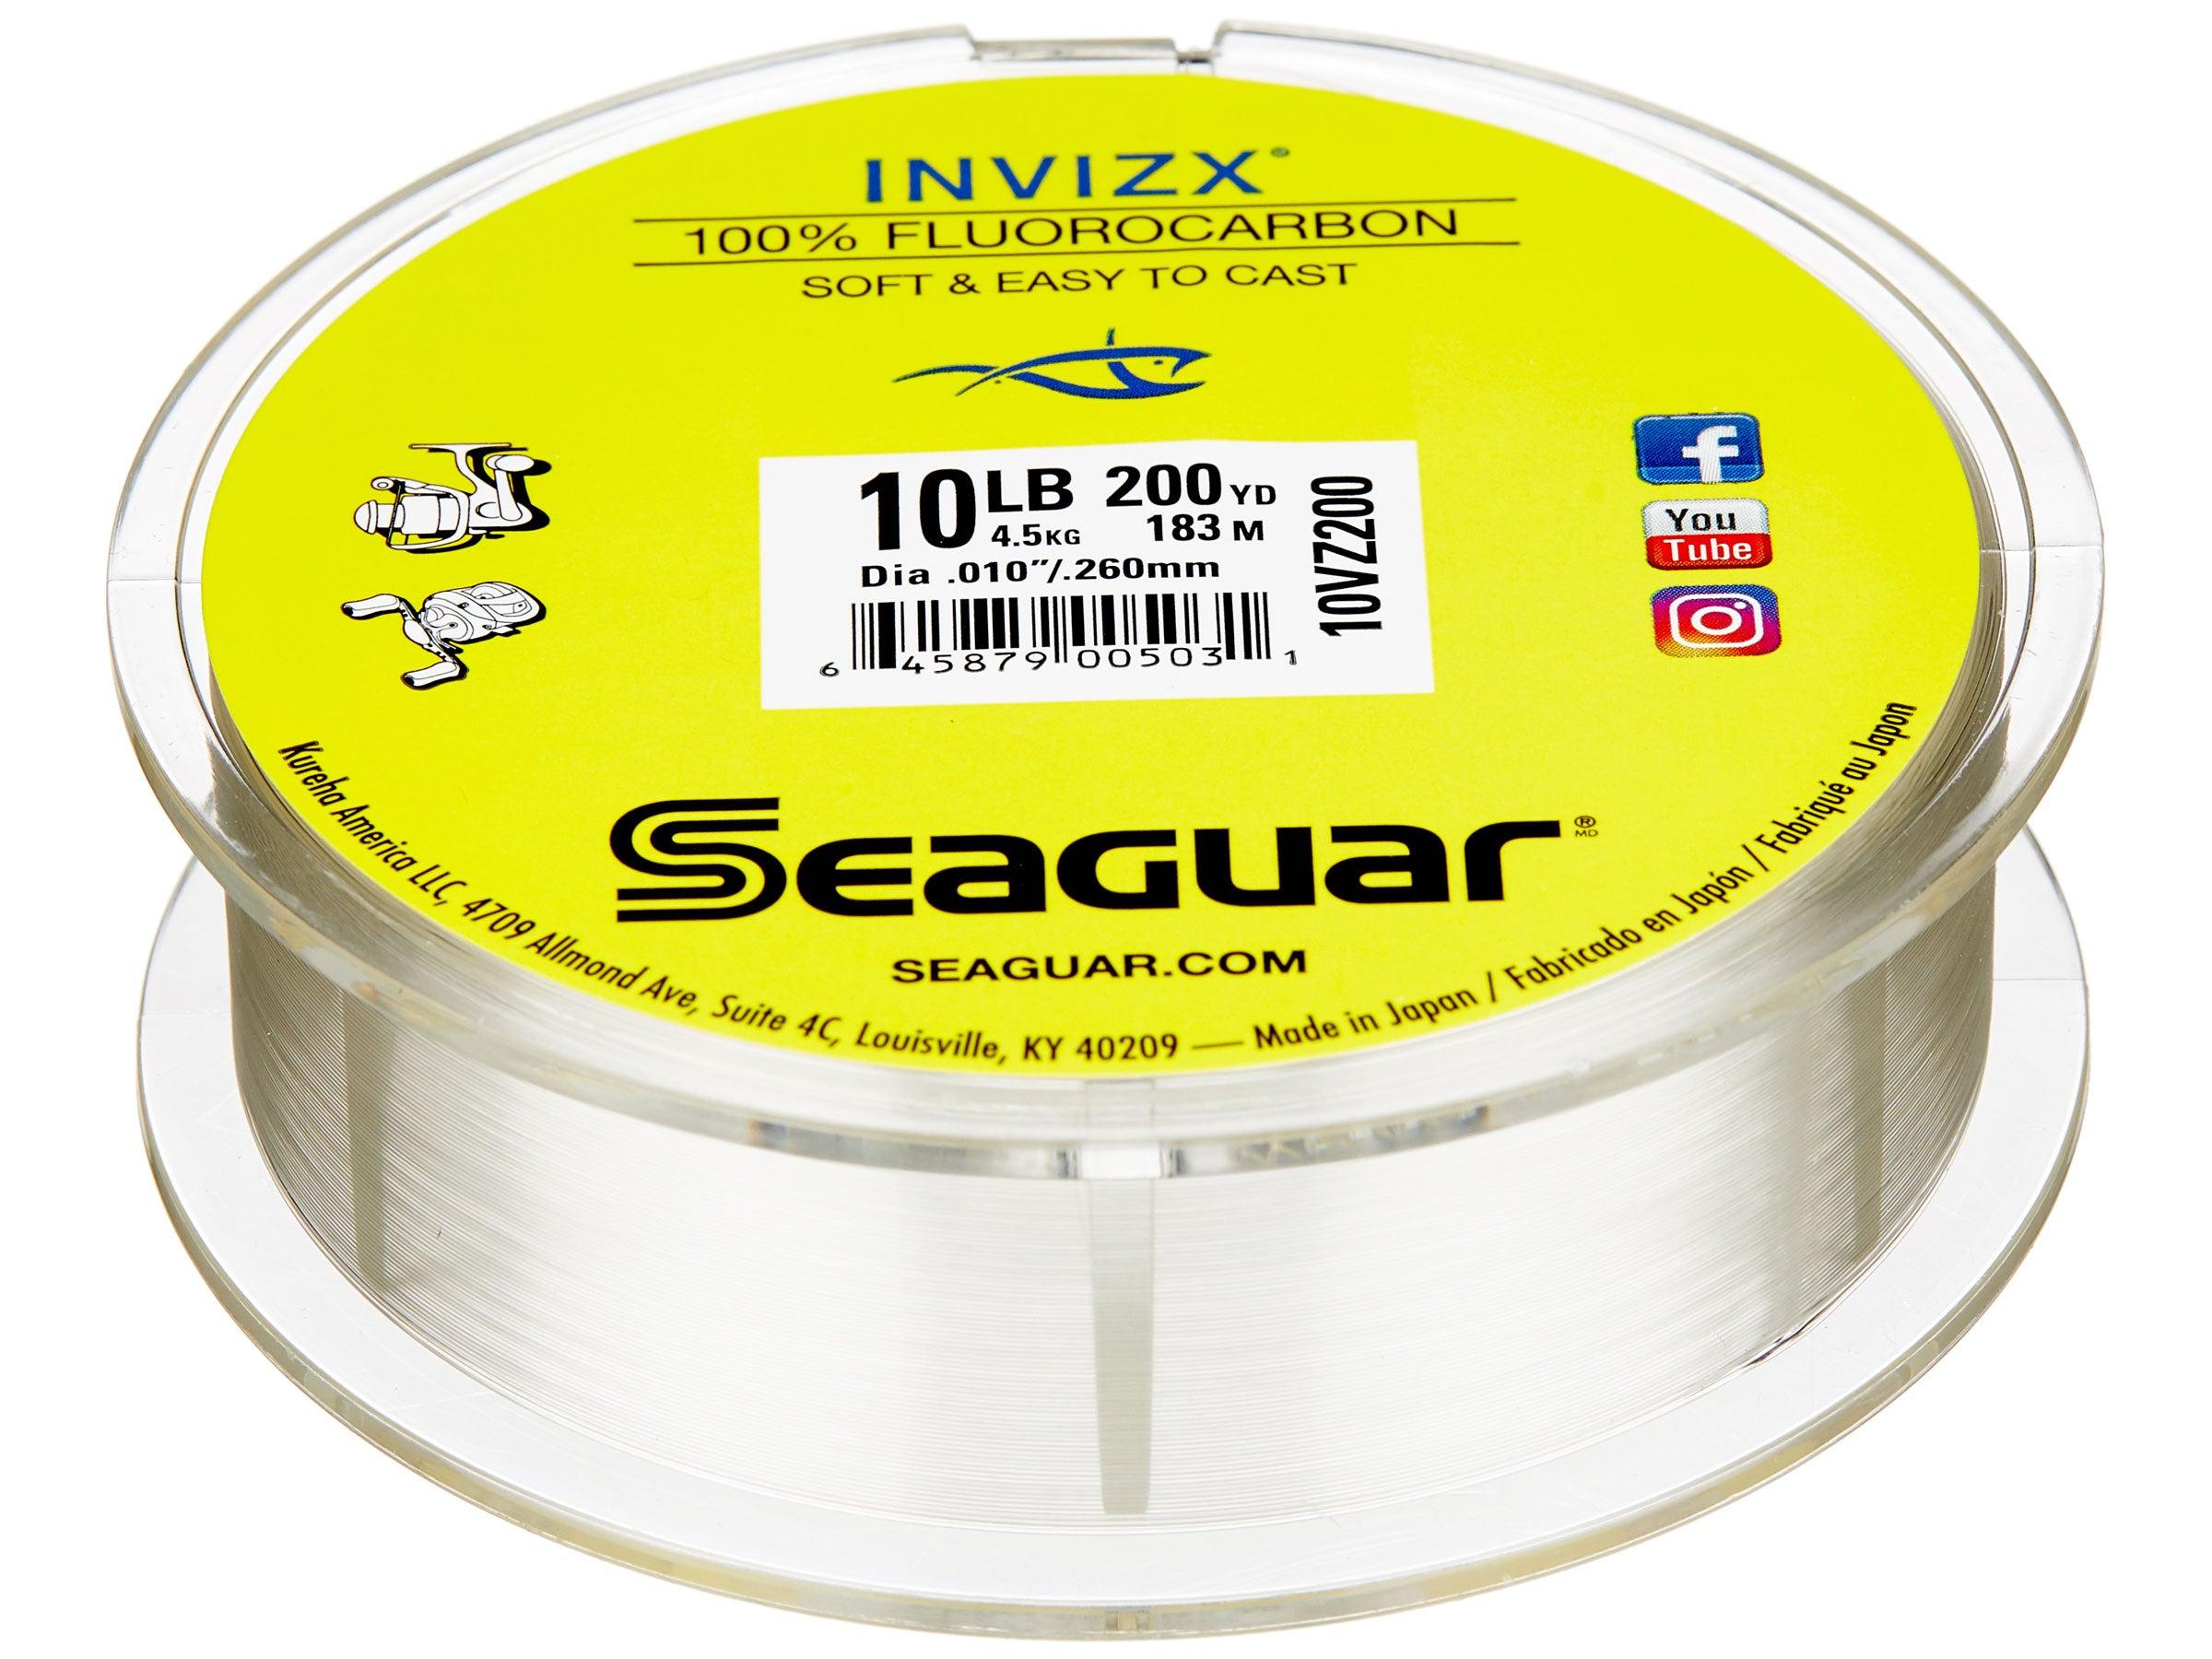 Seaguar 10VZ600 InvizX 600 Flourocarbon Fishing Line